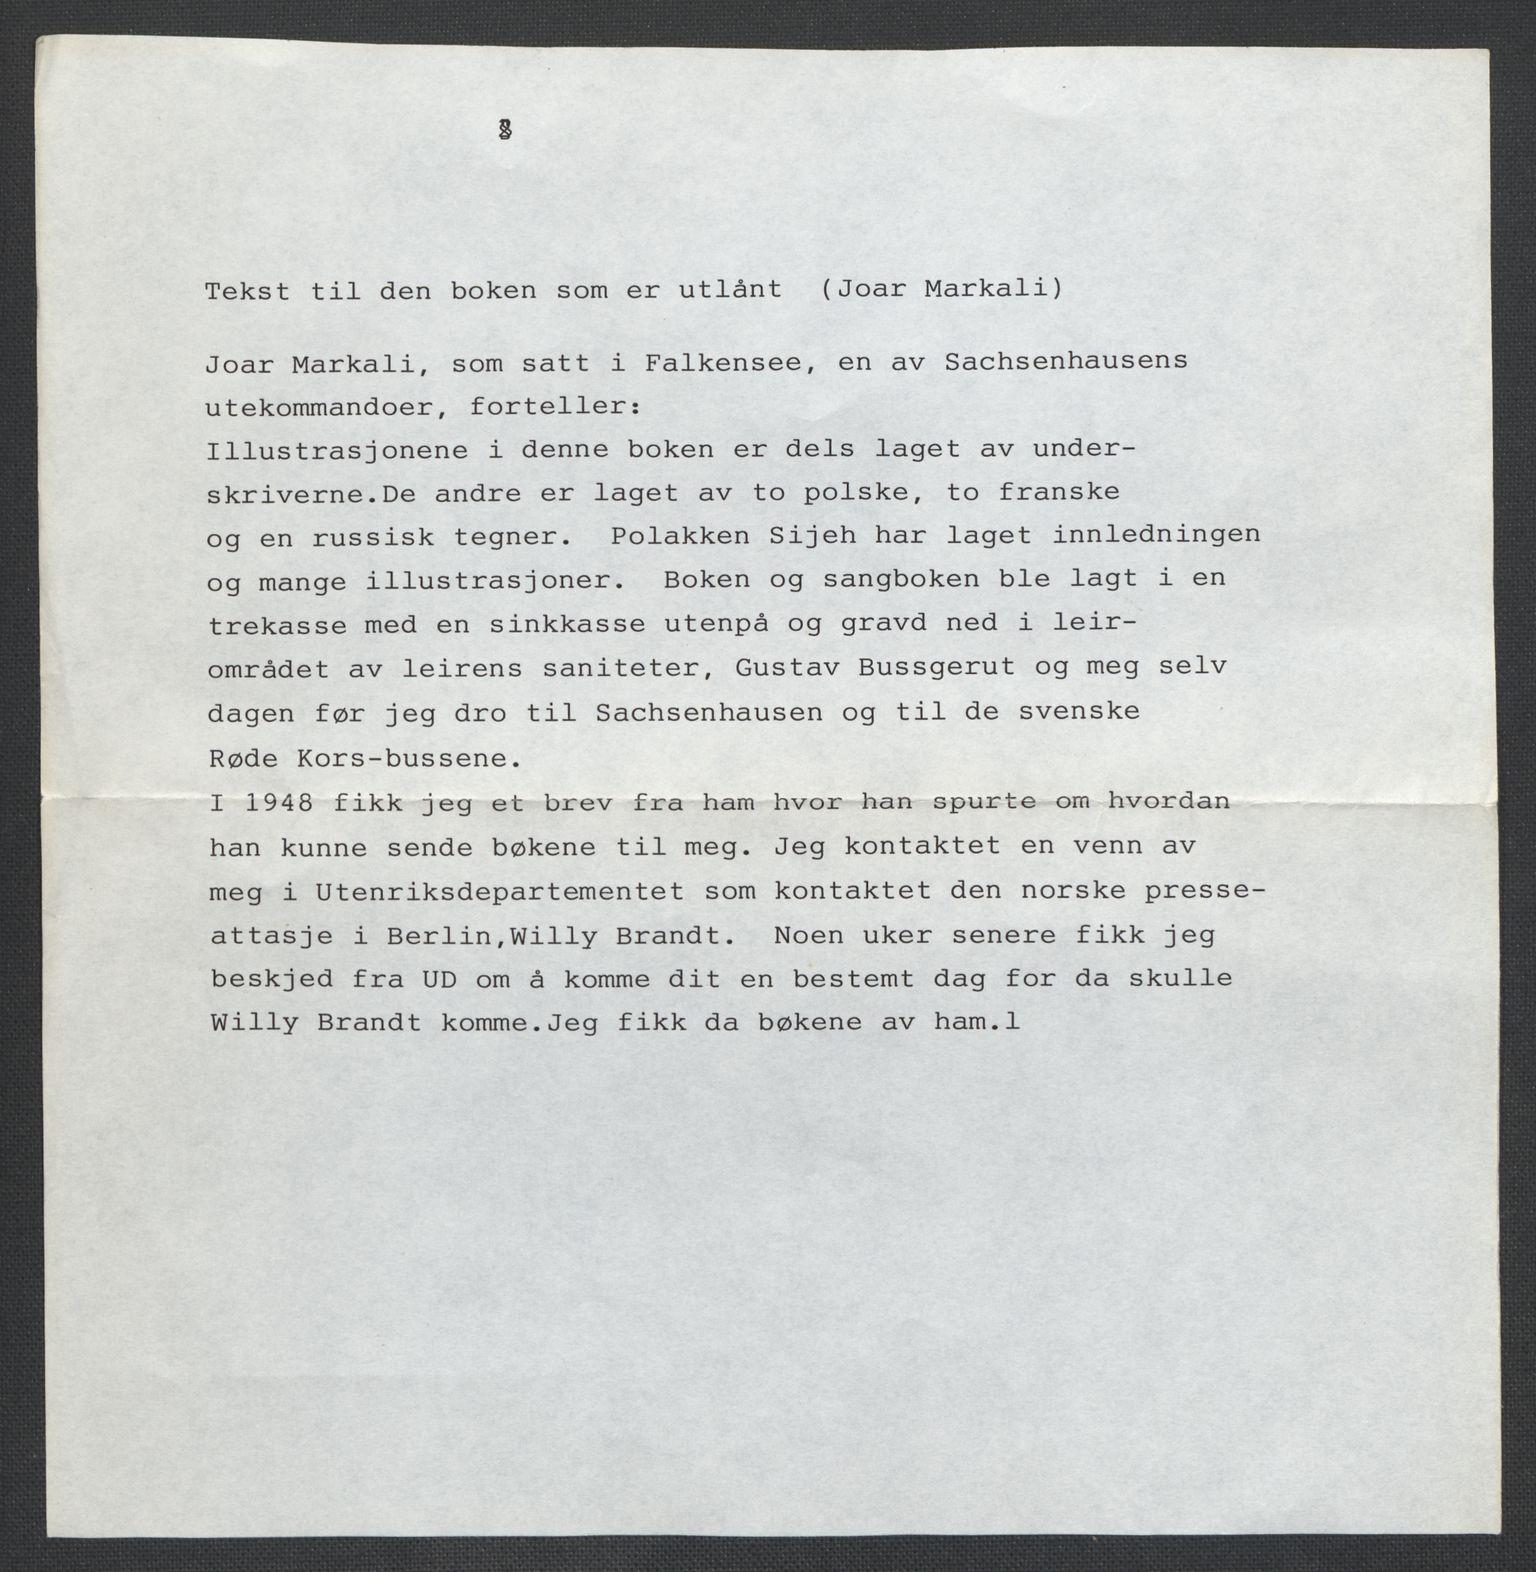 LOK, Markali, Joar (privat eiendom)*, 1943-1945, s. 1